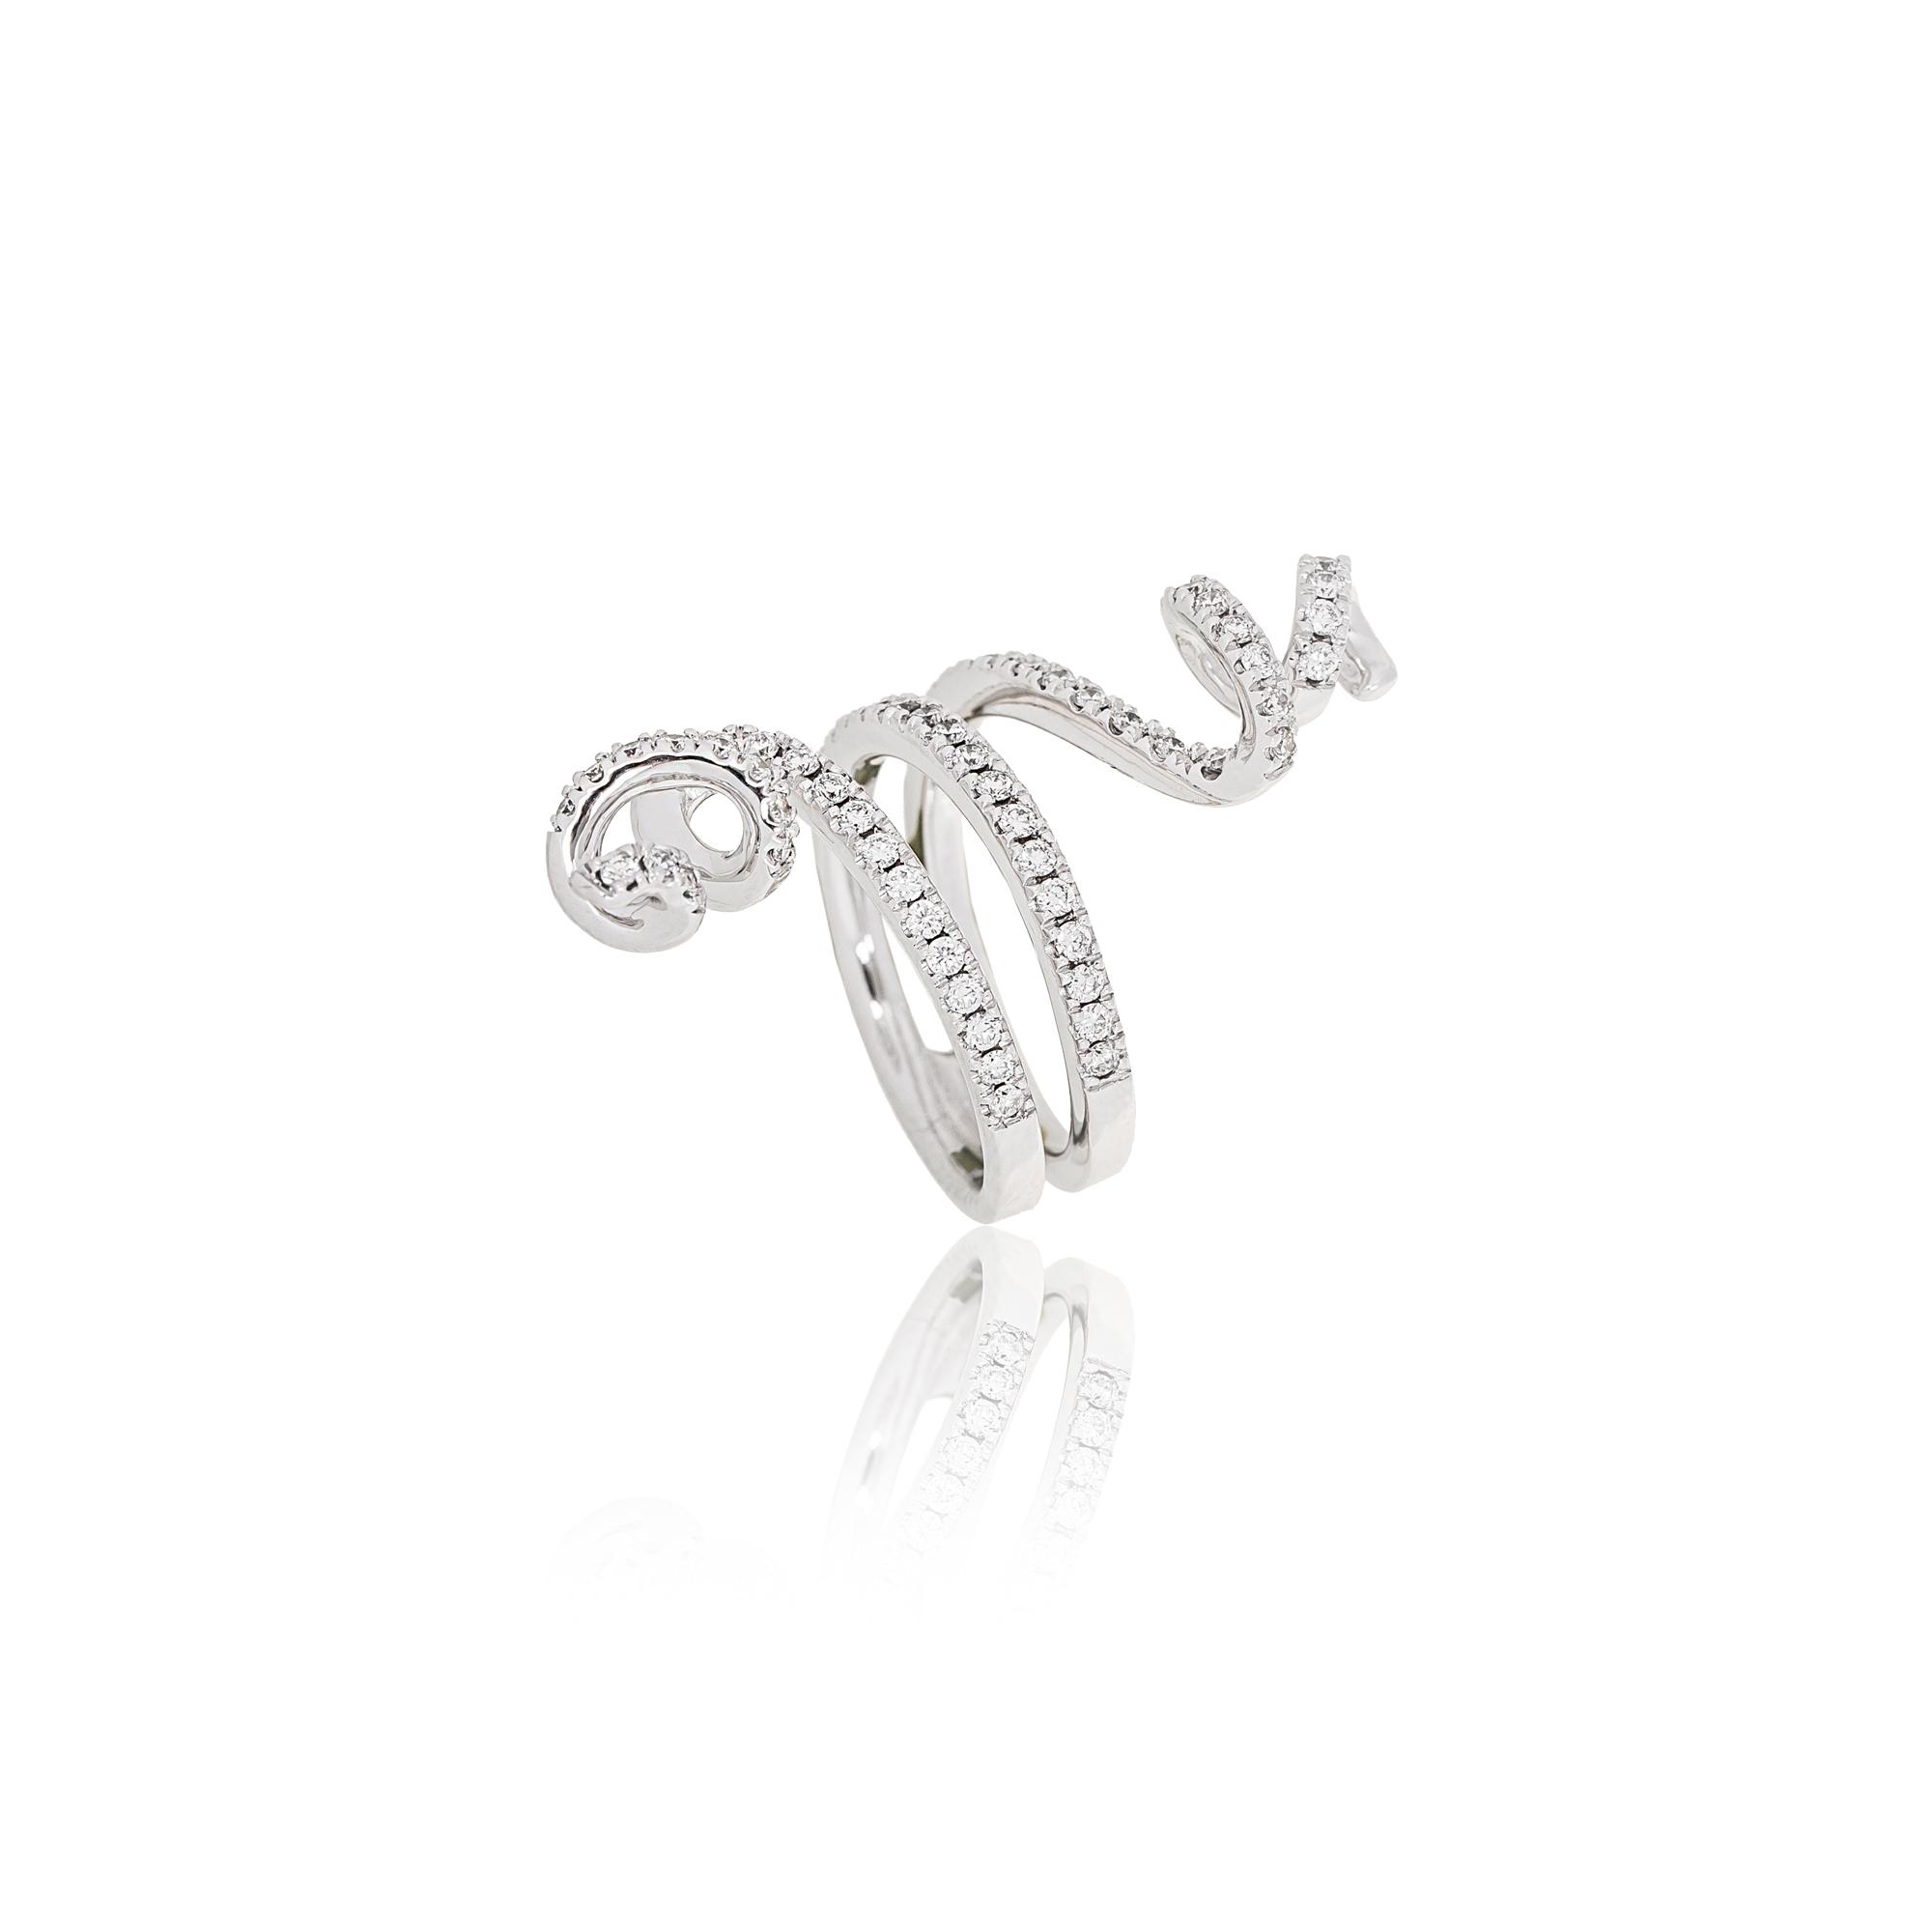 pierścionek nastri z białego złota 18 karatowego z diamentami